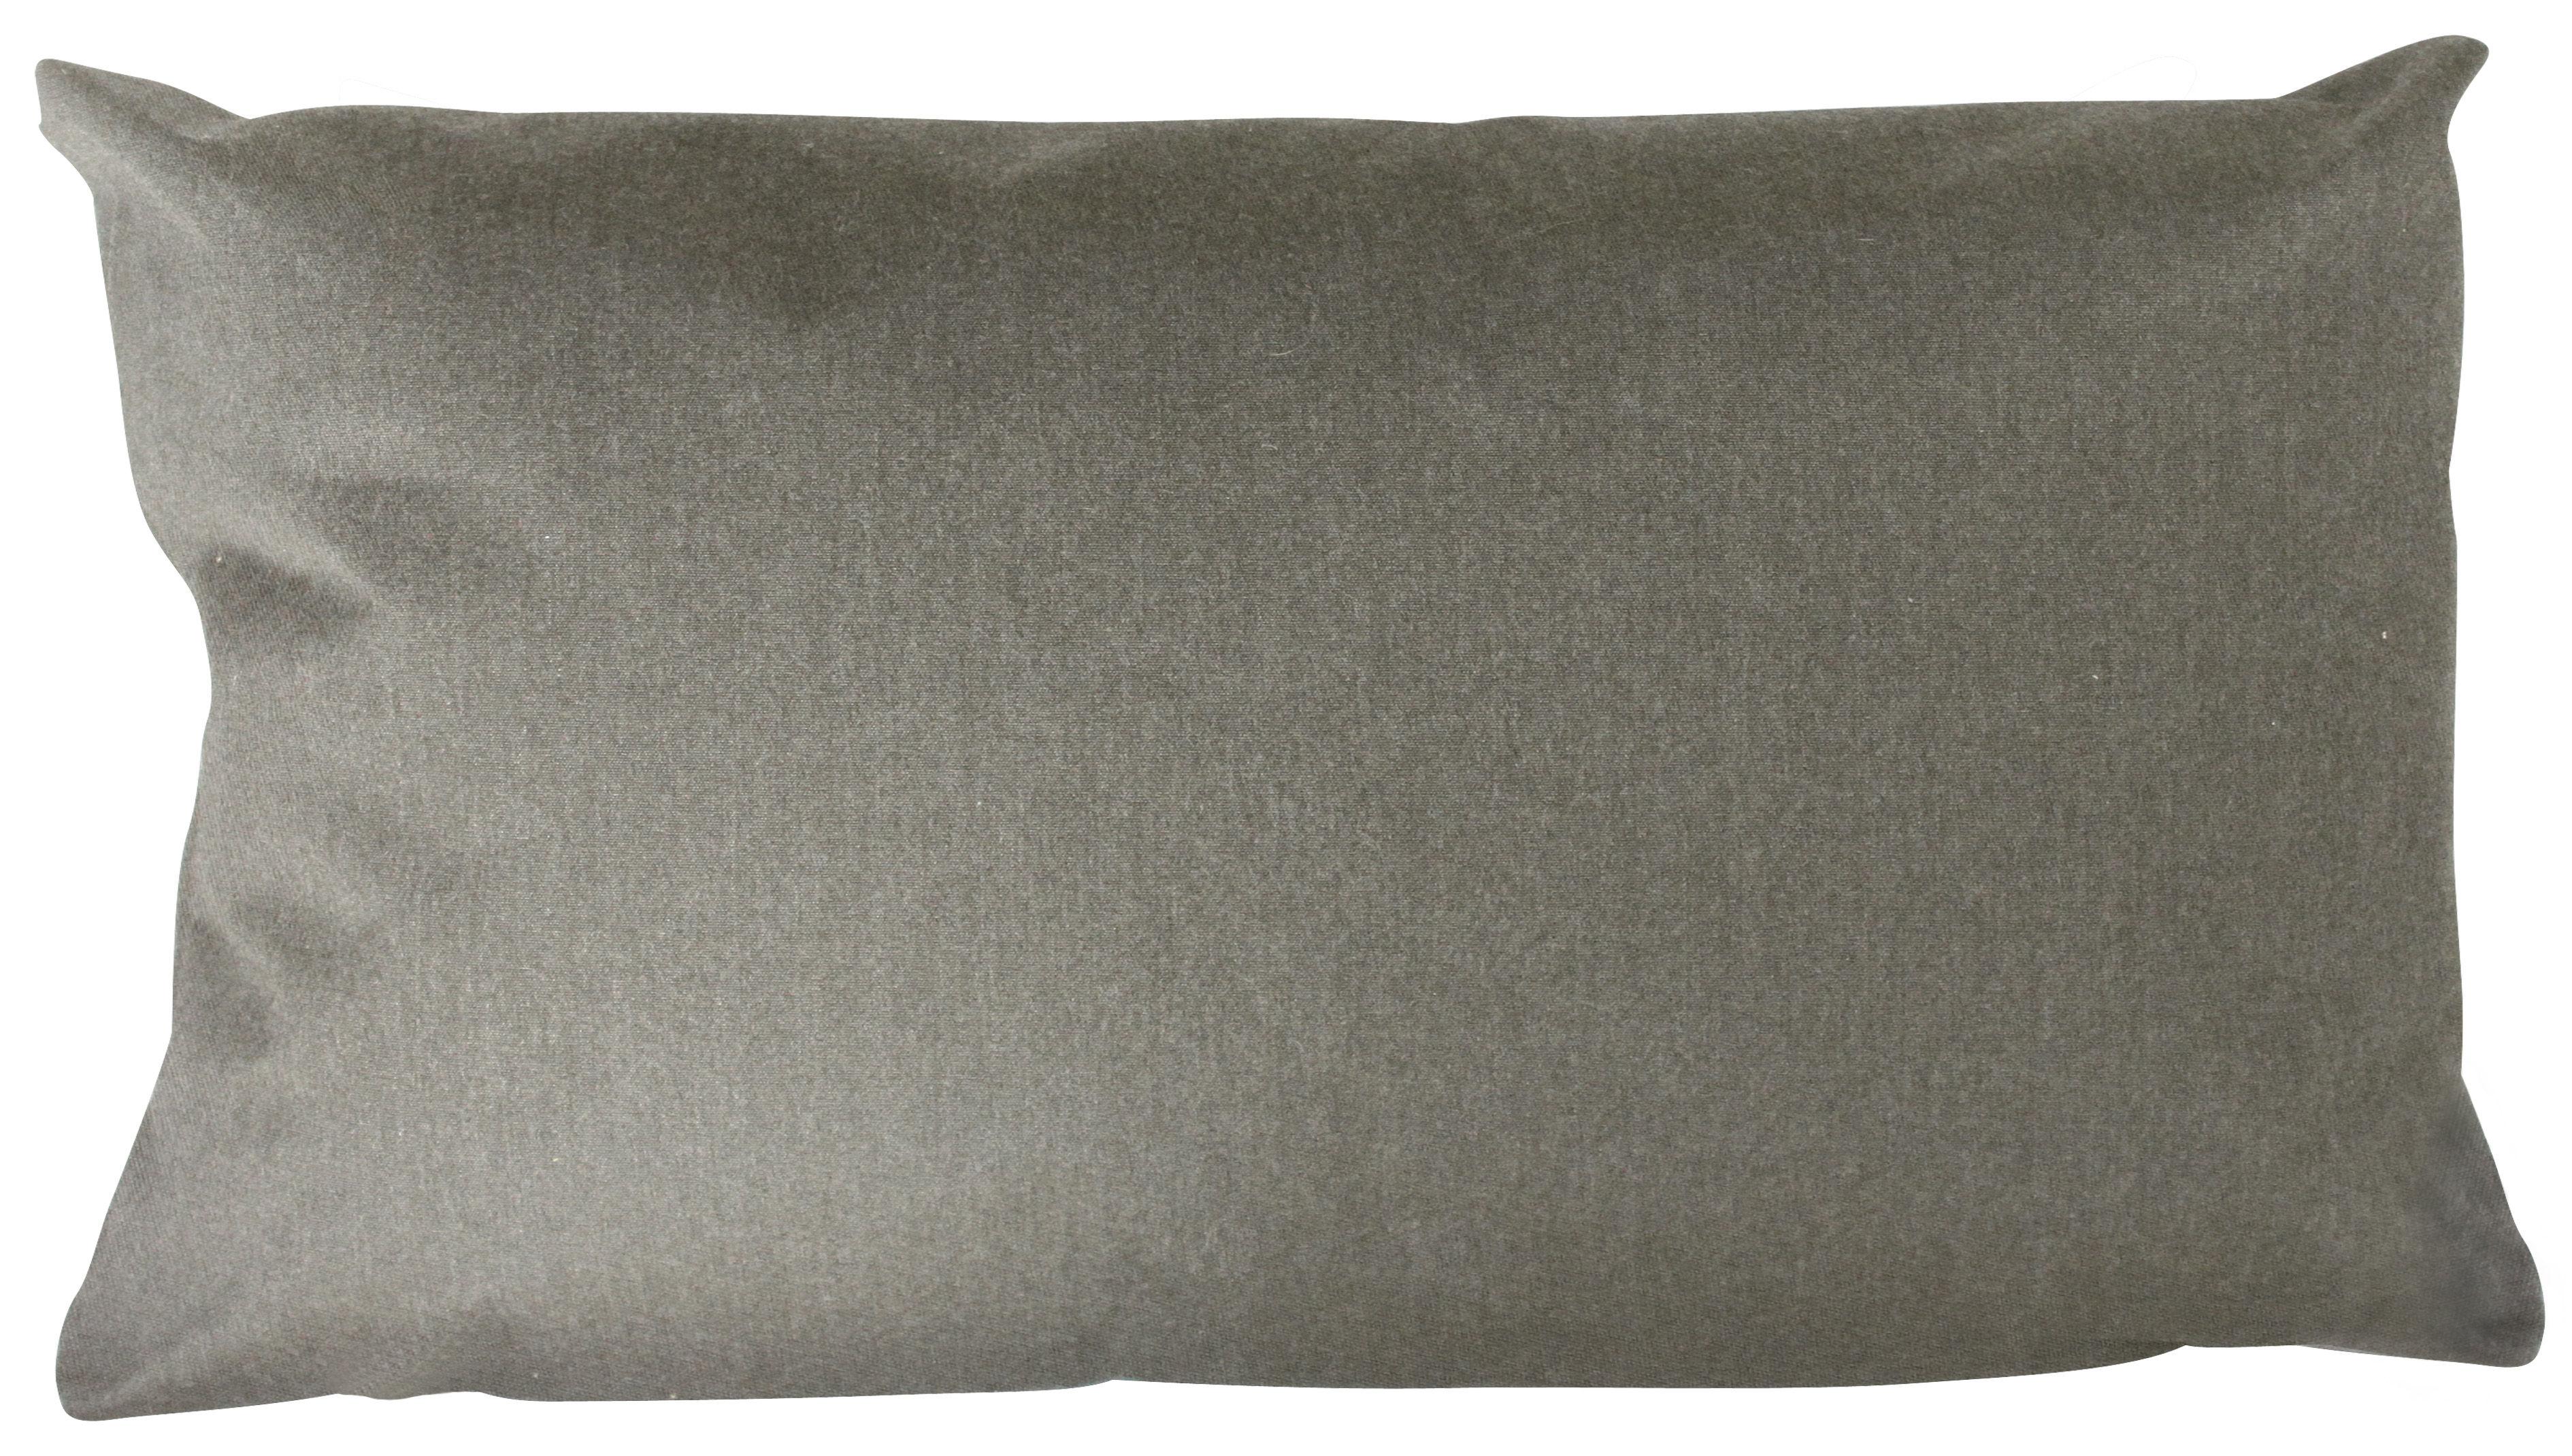 Möbel - Sitzkissen - Large Outdoor-Kissen / outdoorgeeignet - 90 x 50 cm - Trimm Copenhagen - Grau - Leinen